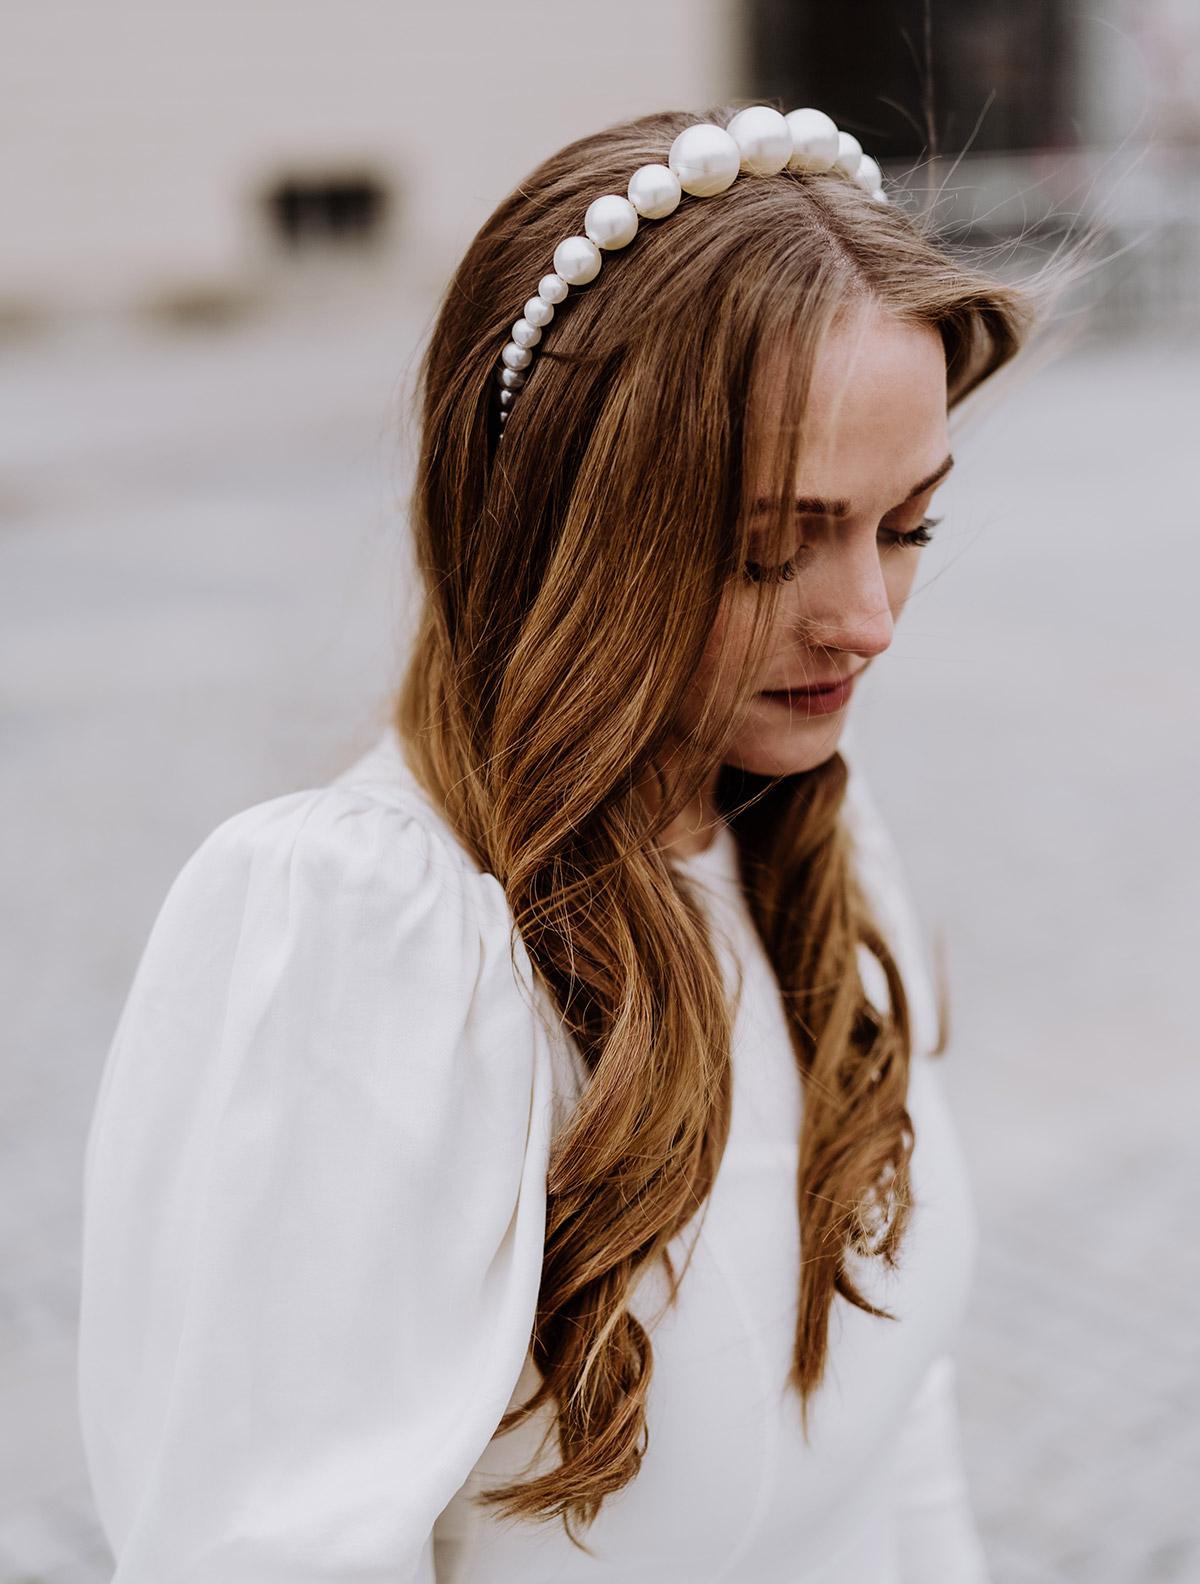 Braut Look Winterhochzeit: Braut im Standesamt Hochzeitskleid mit langärmligen Puffärmeln und Haarreif aus Riesenperlen für ihr langes braunes Haar mit leichten Locken. © www.hochzeitslicht.de #hochzeitslicht #beautyrealbride #echtebraut